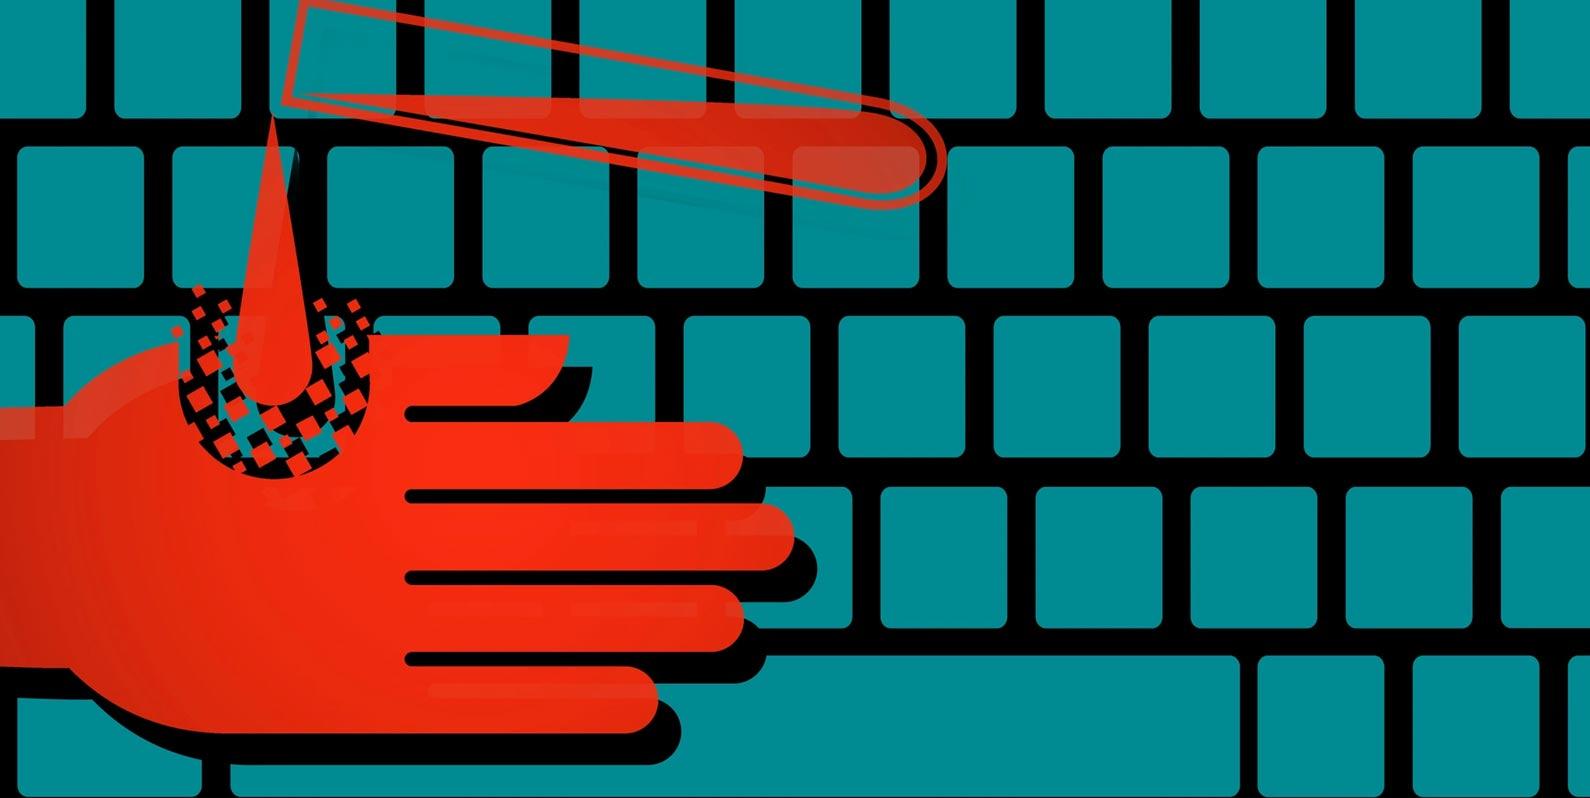 Se a IA vai nos ajudar em uma crise, nós precisamos de um novo tipo de ética